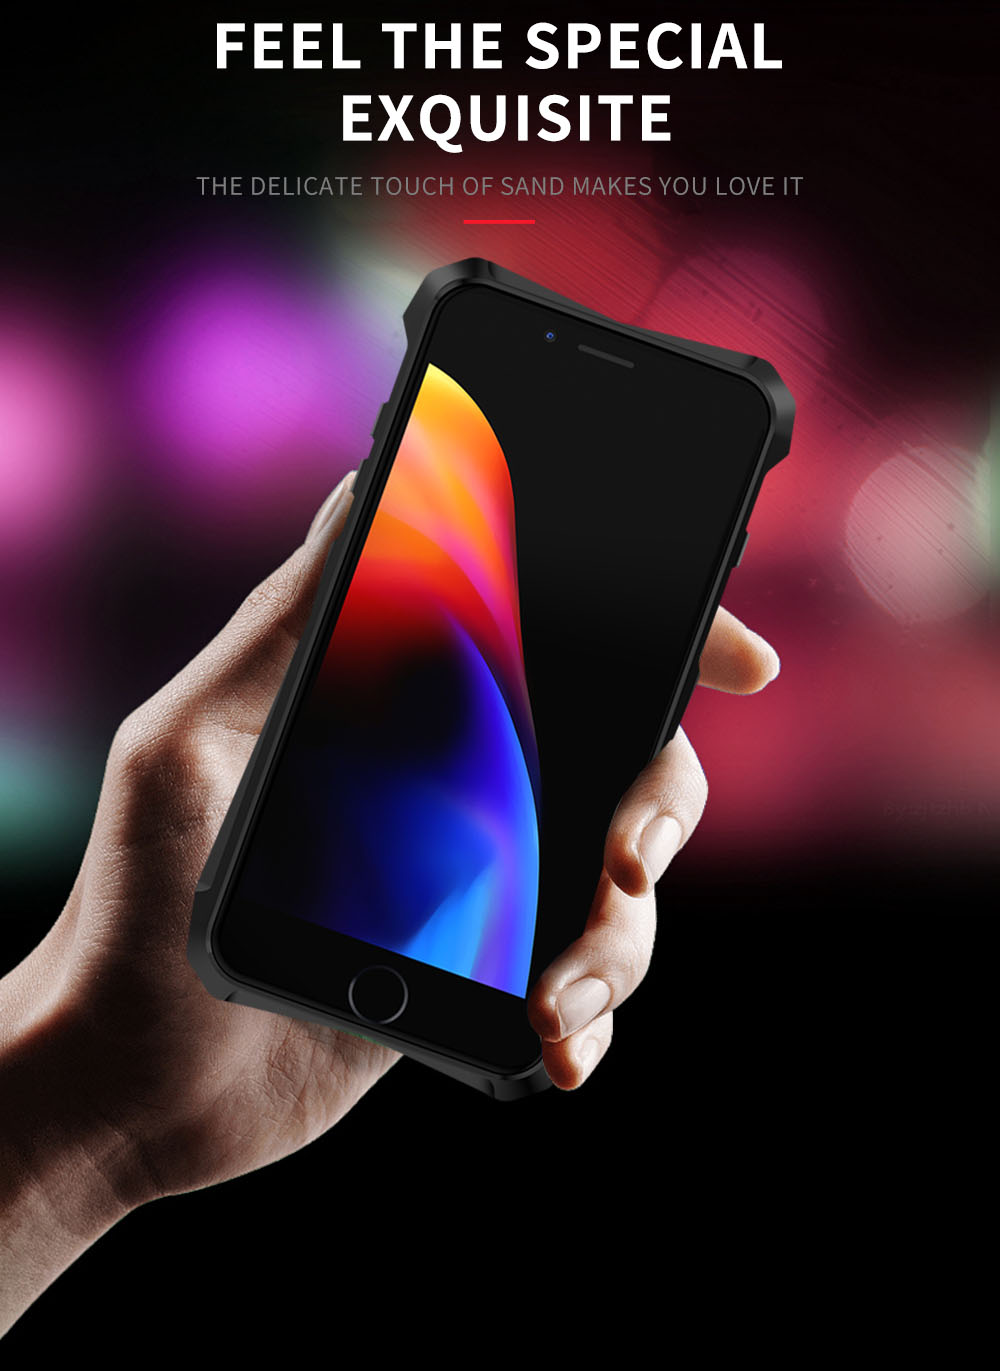 iPhone 7/8/7 Plus/8 Plus case